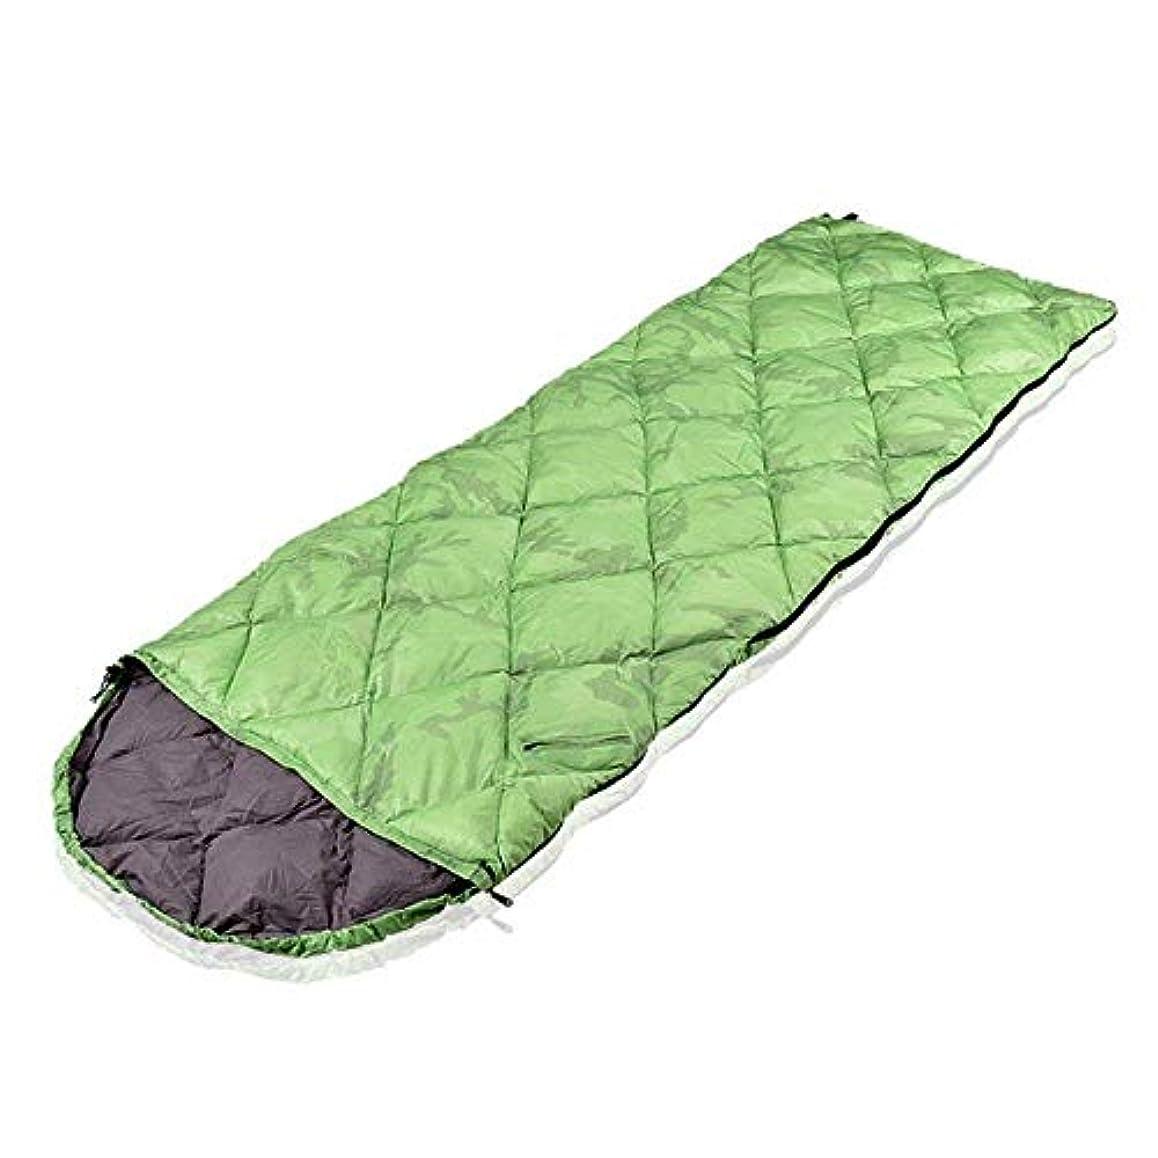 怖がらせる是正慈悲深い4シーズン寝袋軽量暖かい防水キャンプダウン封筒大人の寝袋